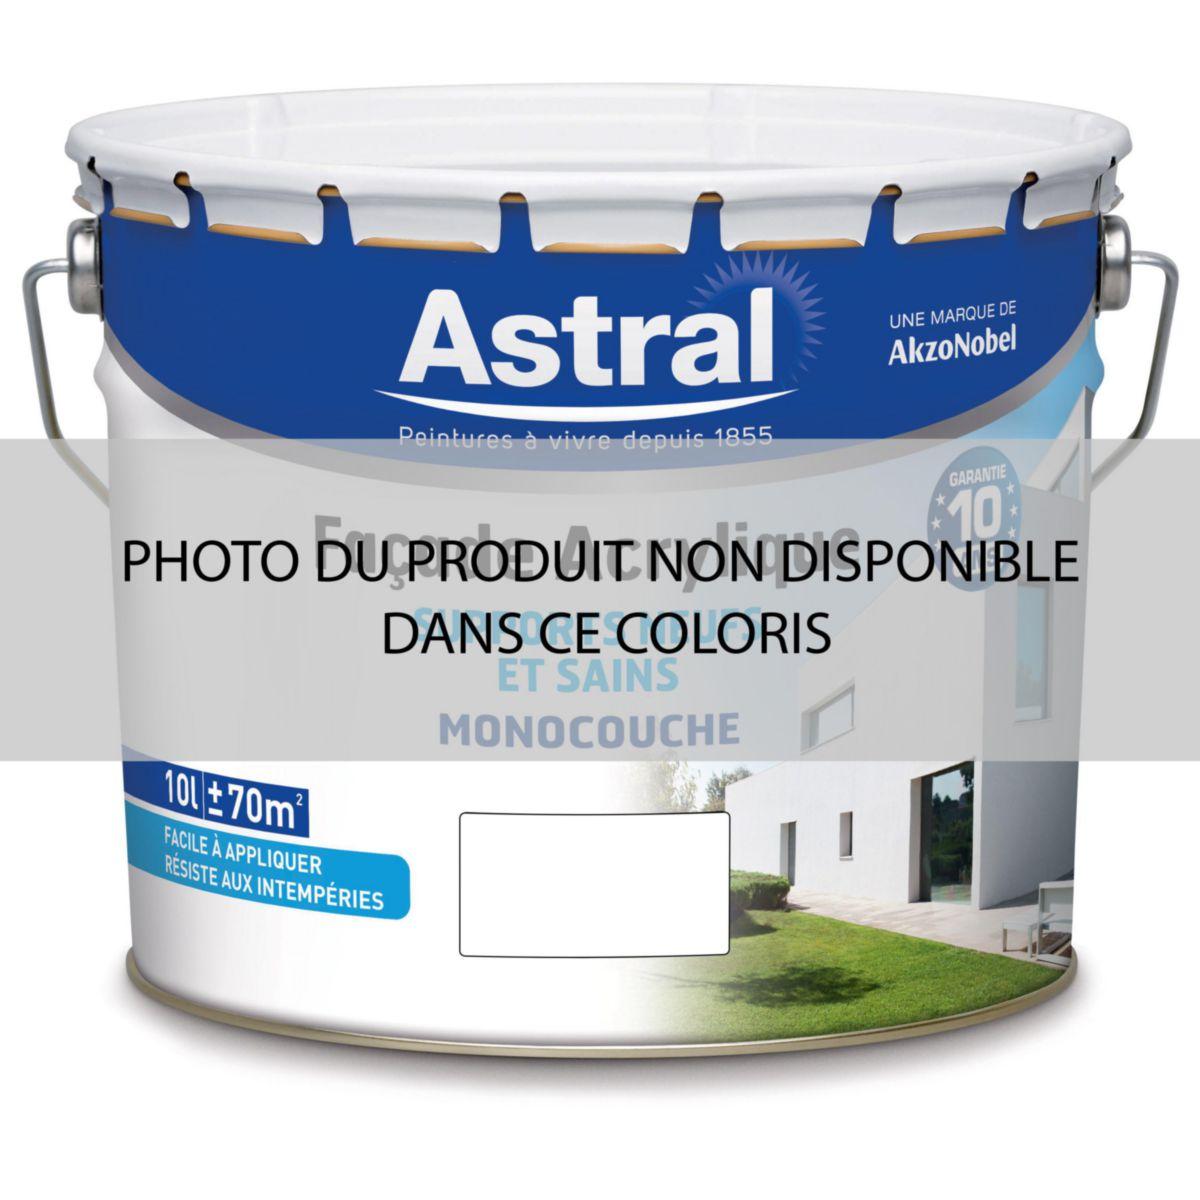 Astral Peinture Peinture Monocouche Façade Acrylique Base Clear